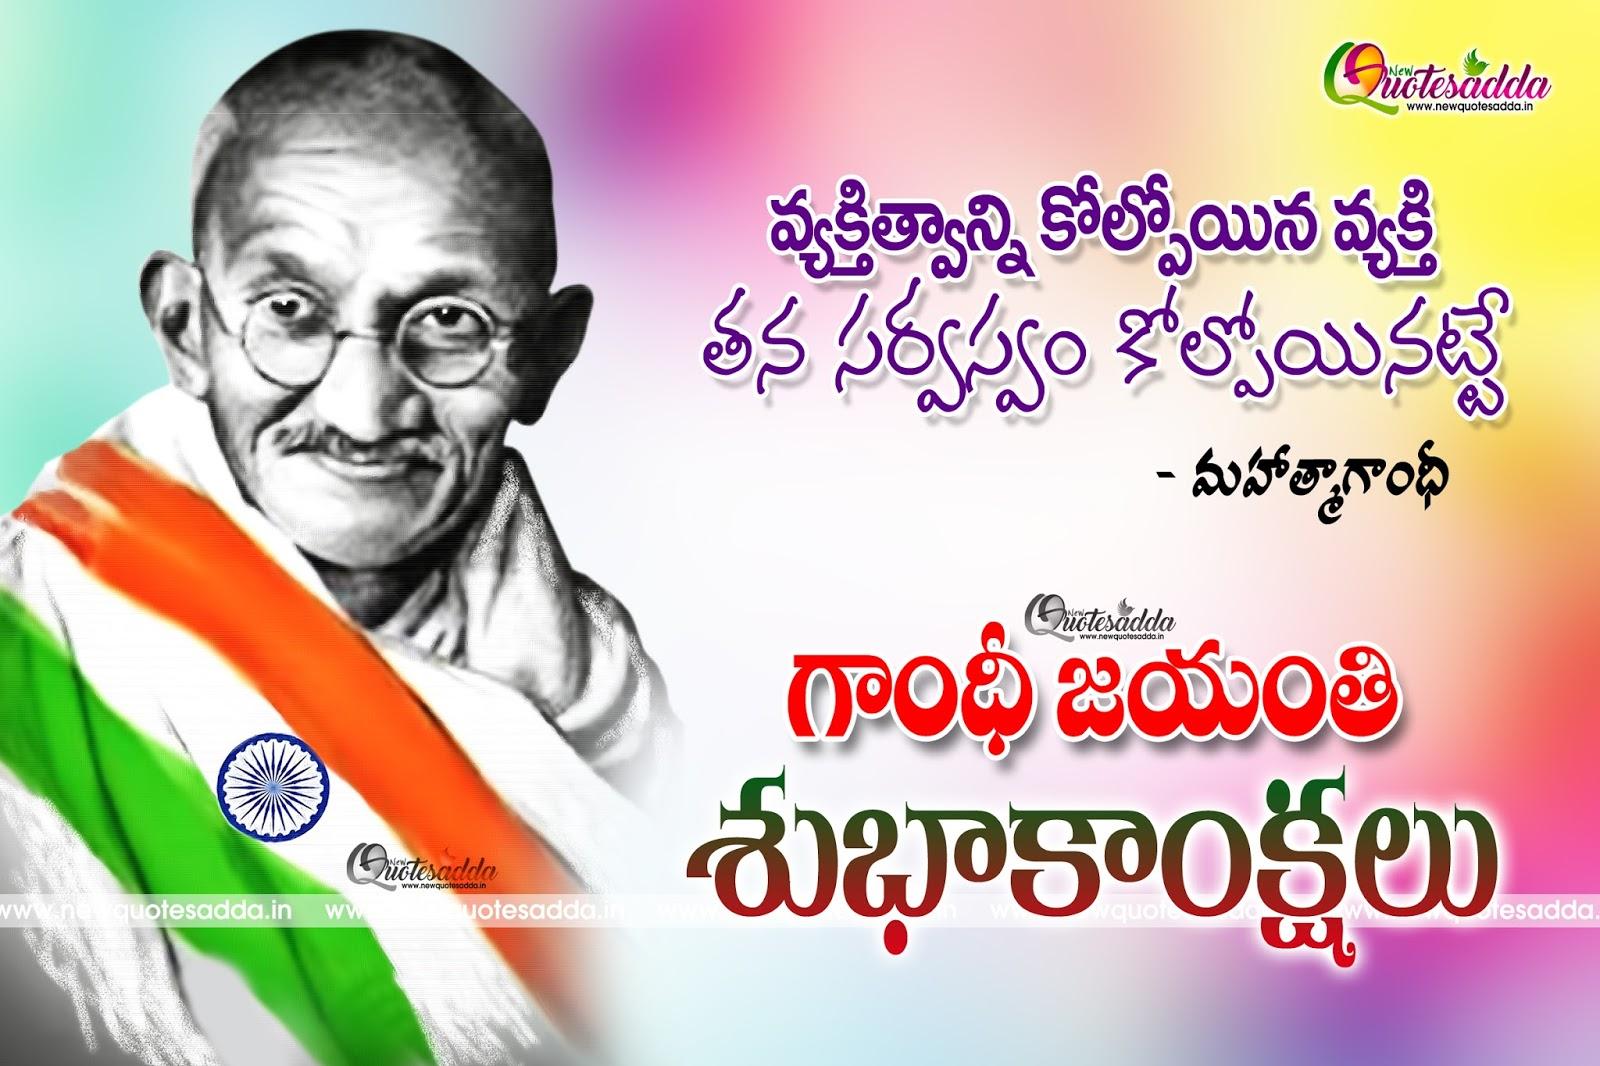 Gandhi Jayanthi Telugu Life Quotes And Greetings Newquotesadda